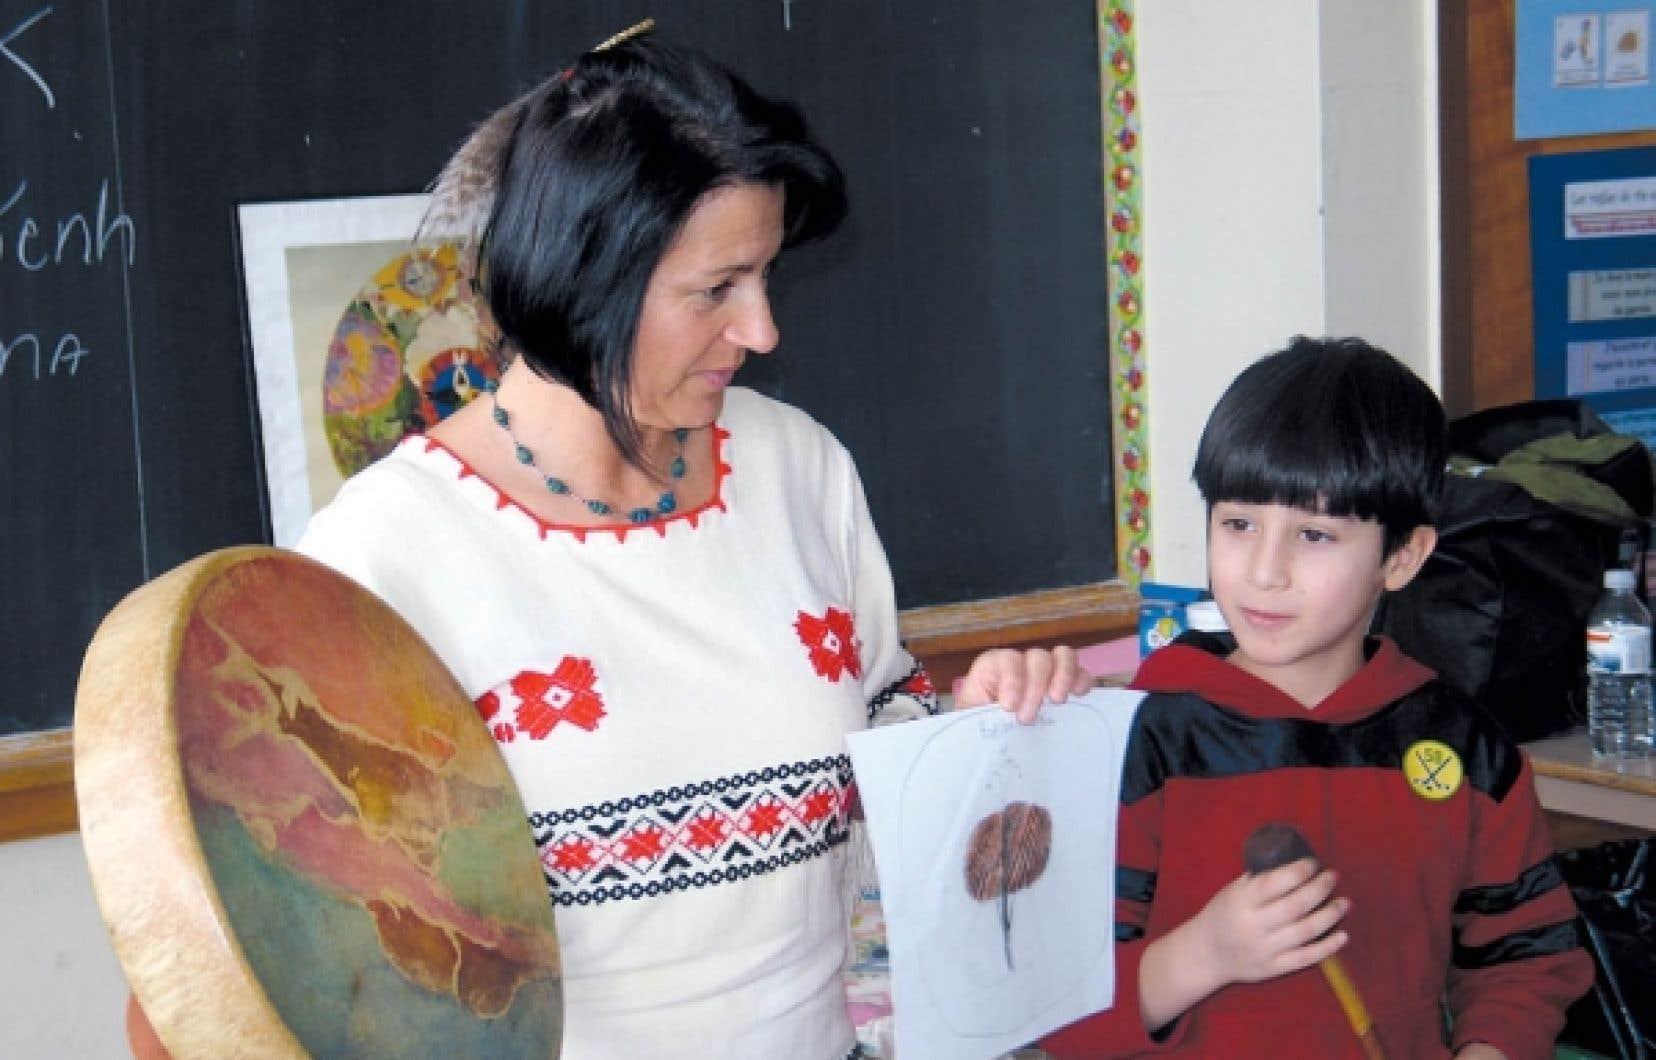 Au Musée de Lachine, Dolorès Contré a pour objectif d'initier les enfants aux modes de vie traditionnels des Iroquoiens et des Algonquiens.<br />